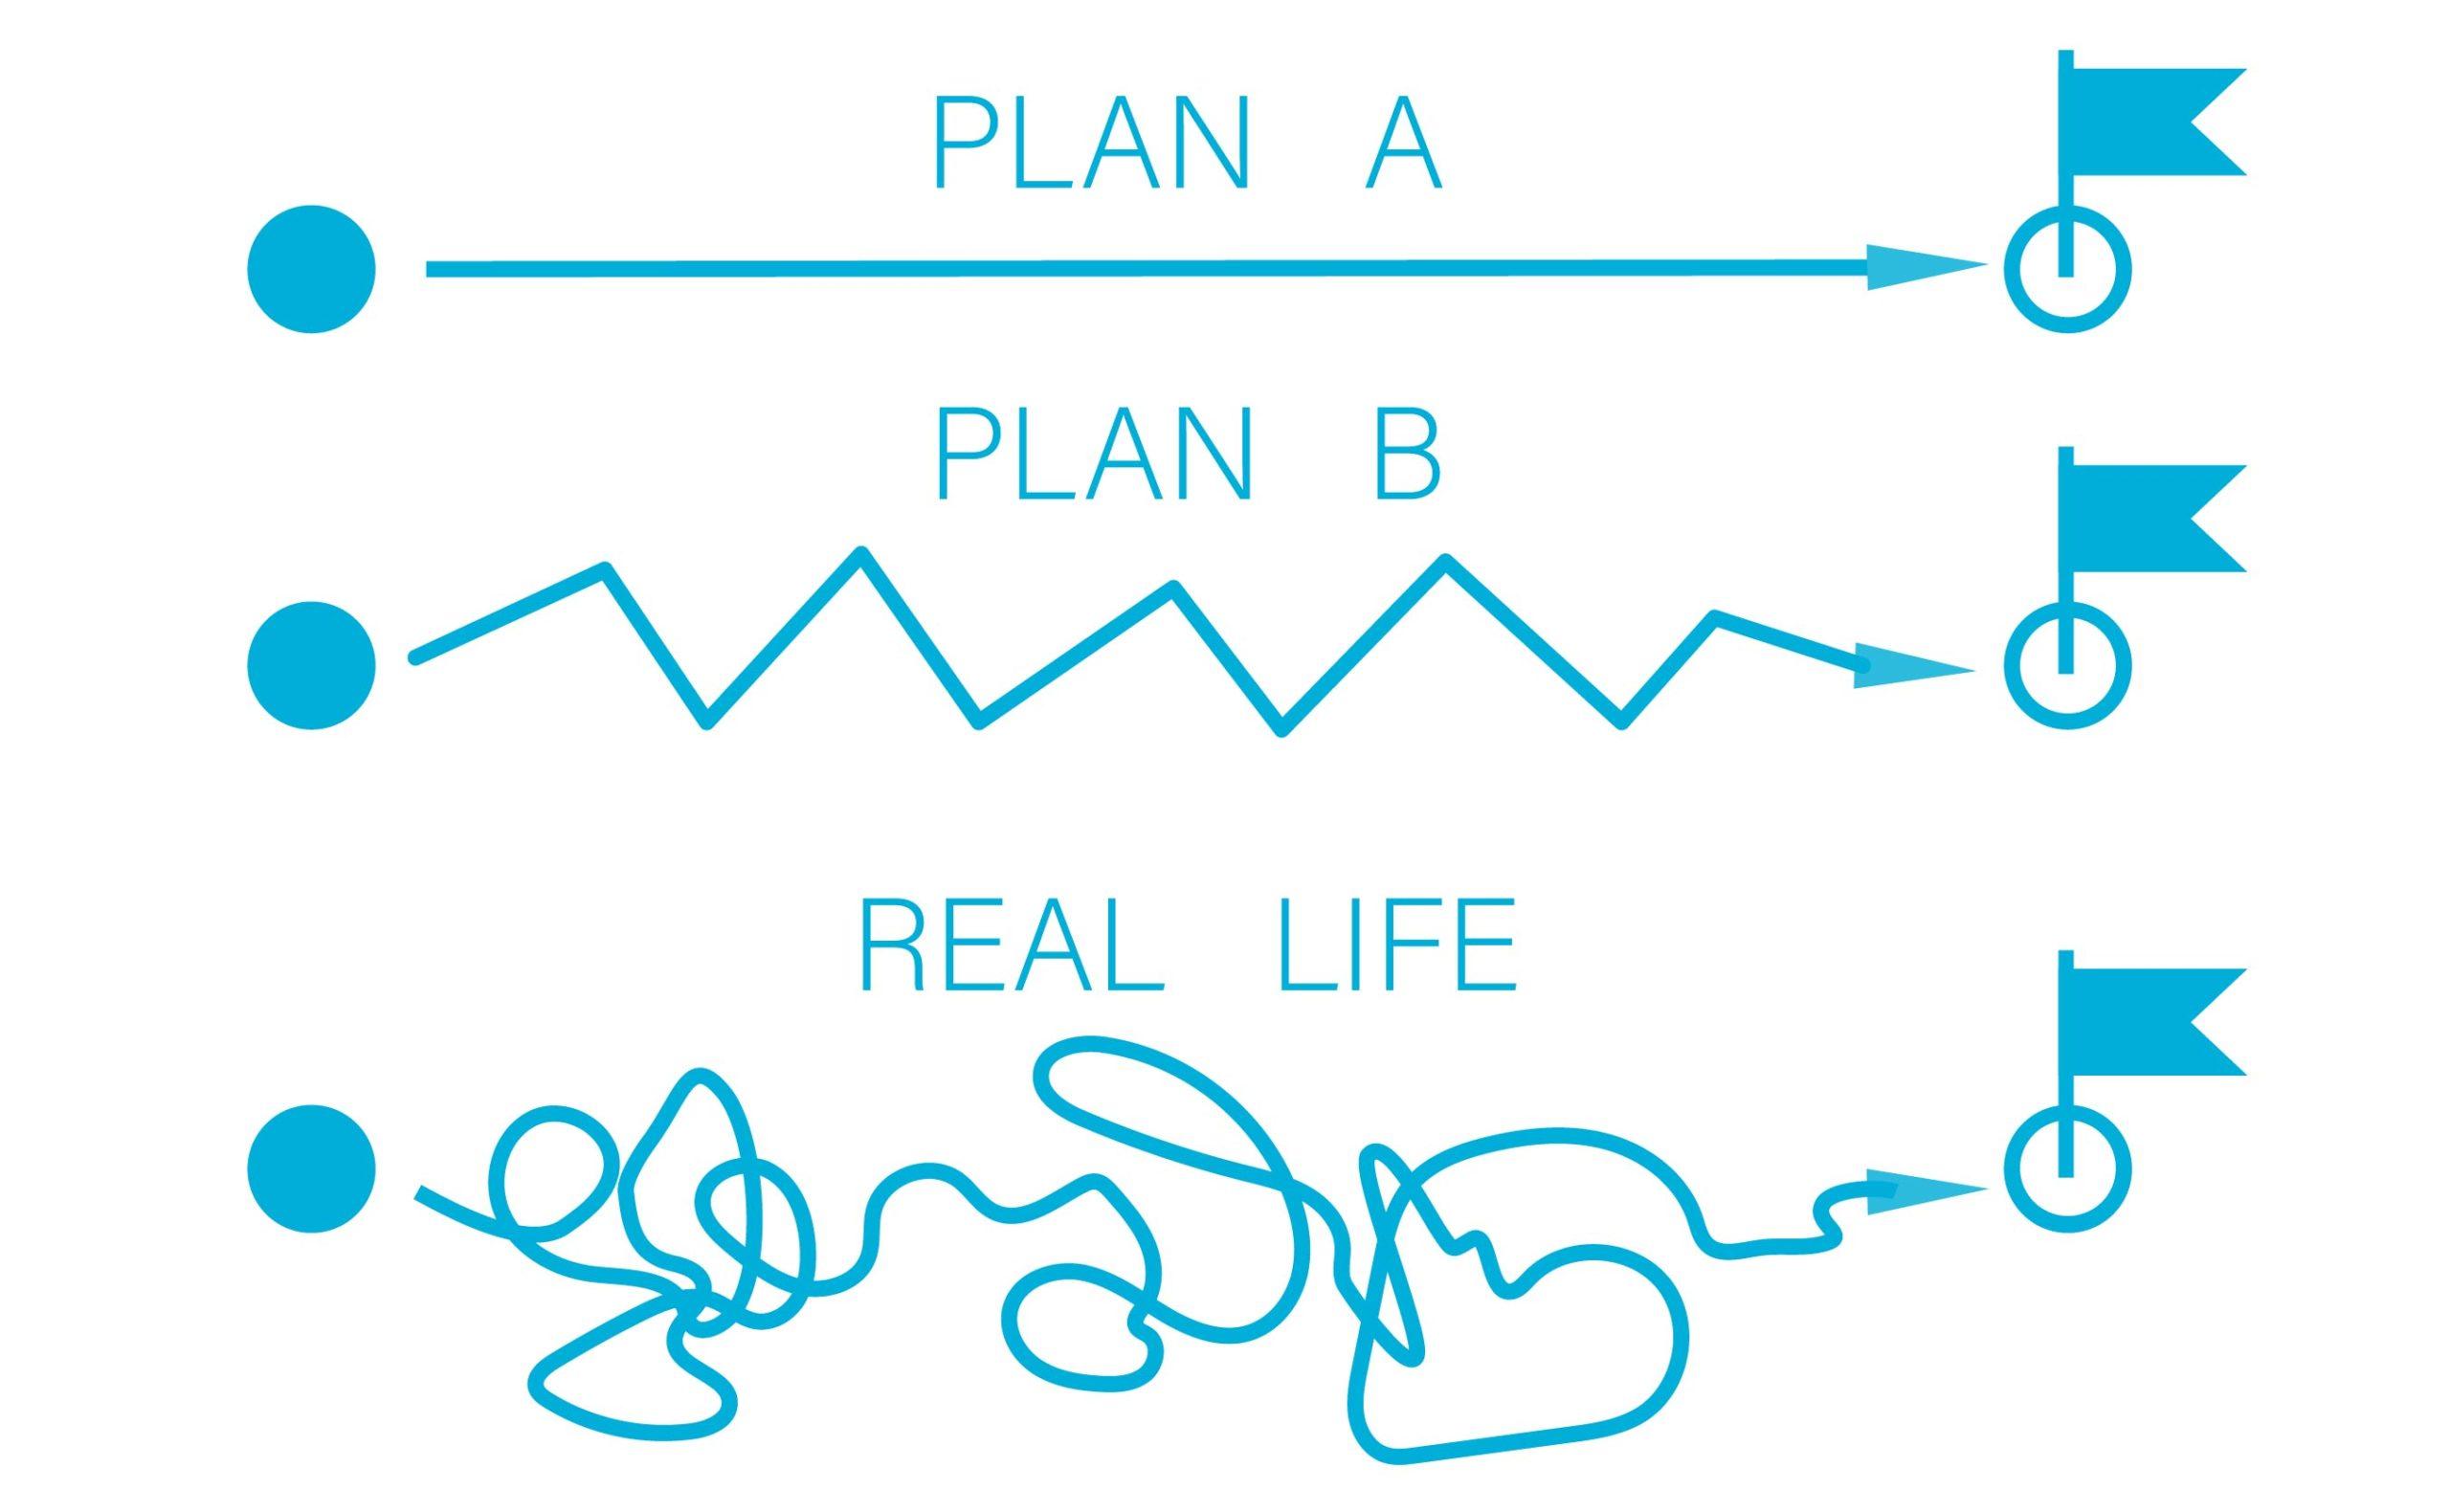 Schauen Sie sich diese Zeichnung an: Plan A zeigt den einfachsten und direktesten Weg. Plan B verläuft im Zickzack, aber doch gut erkennbar in Richtung Ziel. Plan C schließlich sieht so aus, wie wir es aus dem richtigen Leben kennen: Ein wirres Knäuel von Schleifen und Abirrungen. Die Linie verläuft nach vorn, dann wieder zurück und in alle möglichen anderen Richtungen, bis sie das Ziel zu guter Letzt doch noch erreicht.